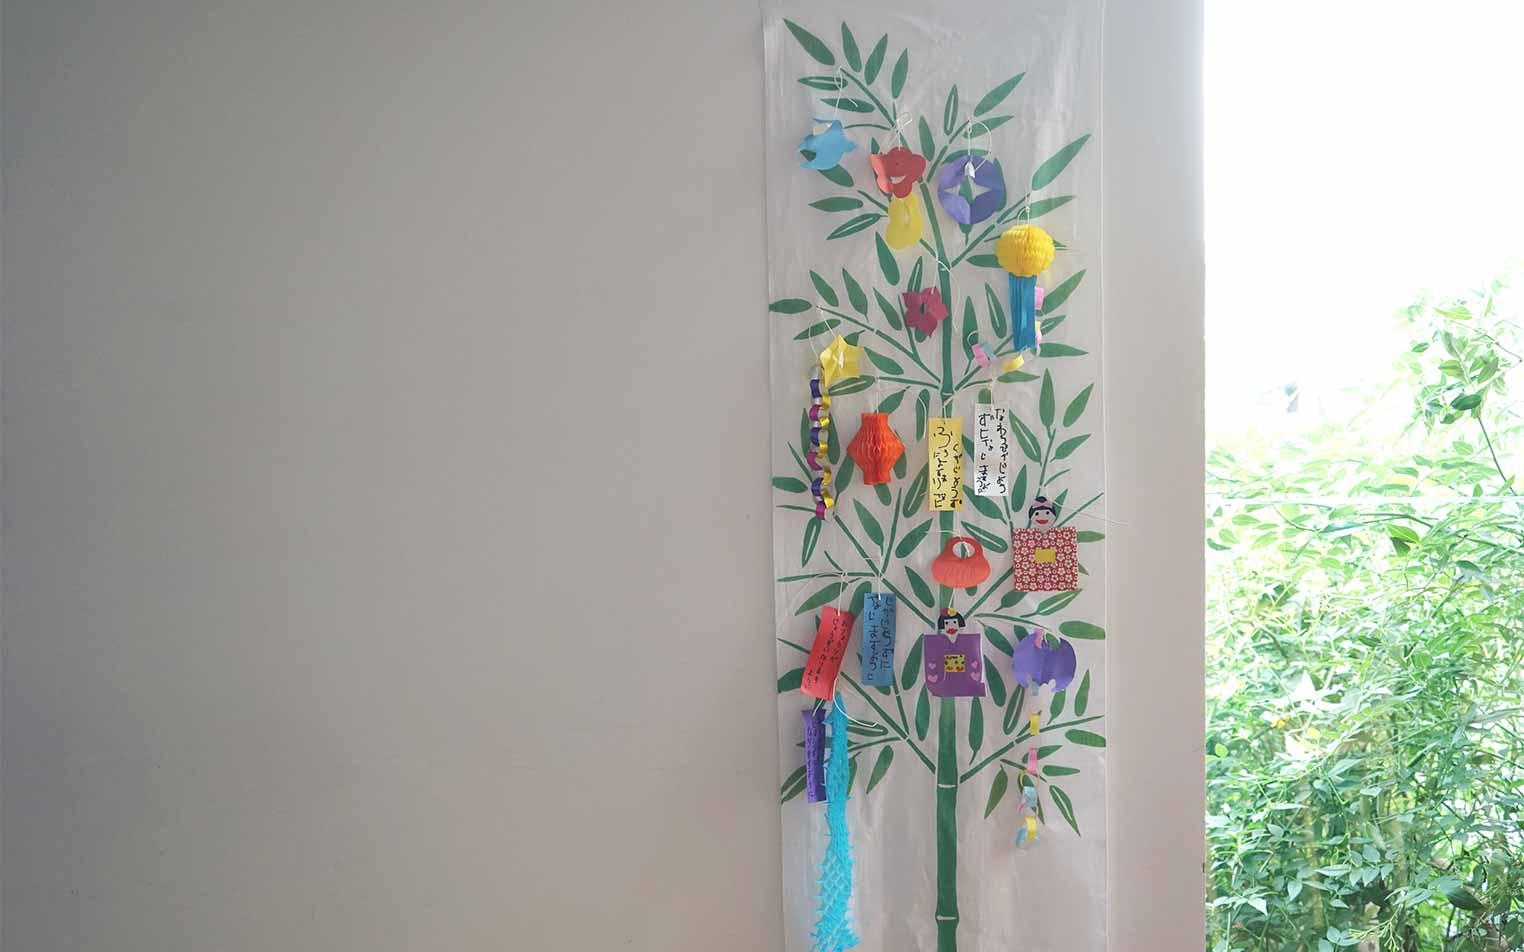 【季節のしつらい便】部屋を飾る感覚で由来も学べる七夕飾り